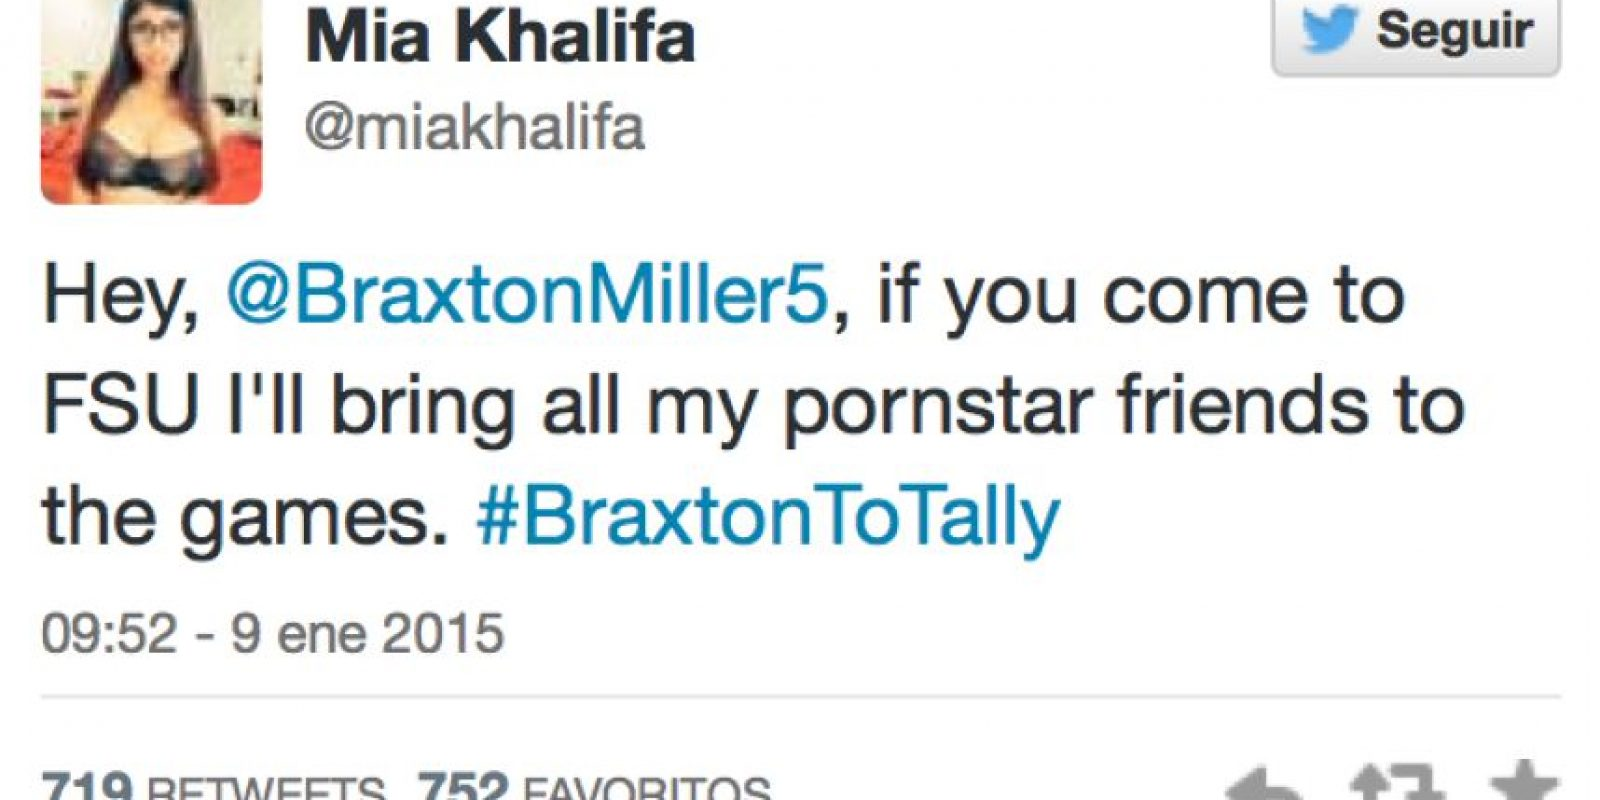 Esta es la publicación de Khalifa en su cuenta de Twitter.